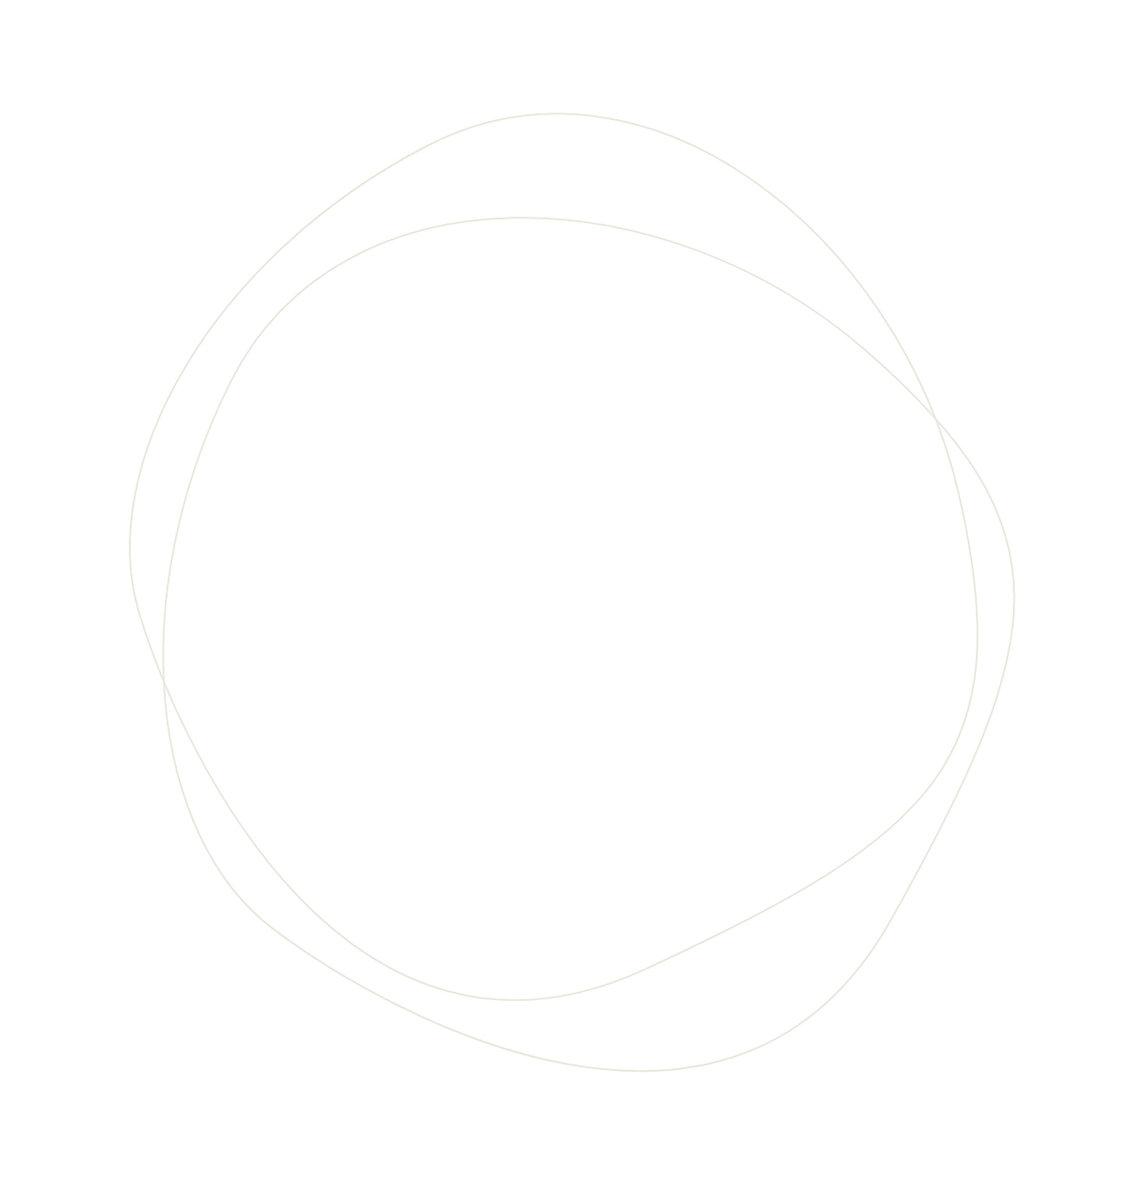 Hintergrund Kreise.jpg